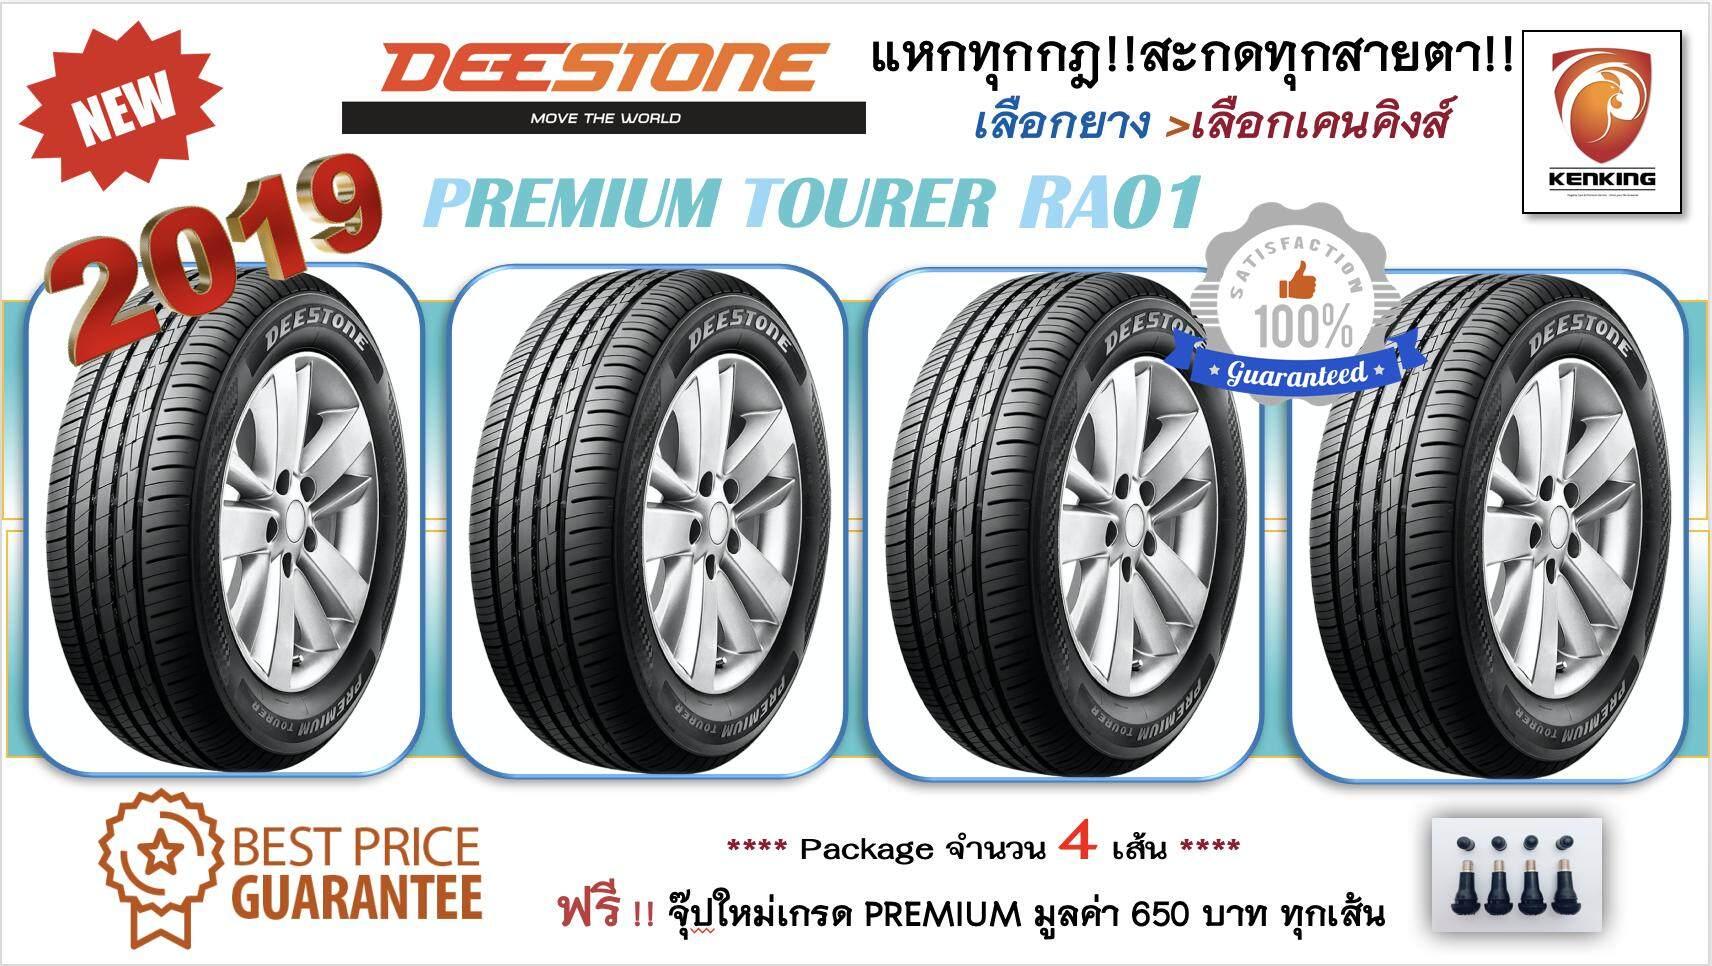 ประกันภัย รถยนต์ ชั้น 3 ราคา ถูก นนทบุรี ยางรถยนต์ขอบ16 Deestone 195/50 R16 รุ่น Premium Tourer RA-01NEW!! 2019 ( 4 เส้น ) FREE !! จุ๊ป PREMIUM BY KENKING POWER 650 บาท MADE IN JAPAN แท้ (ลิขสิทธิแท้รายเดียว)